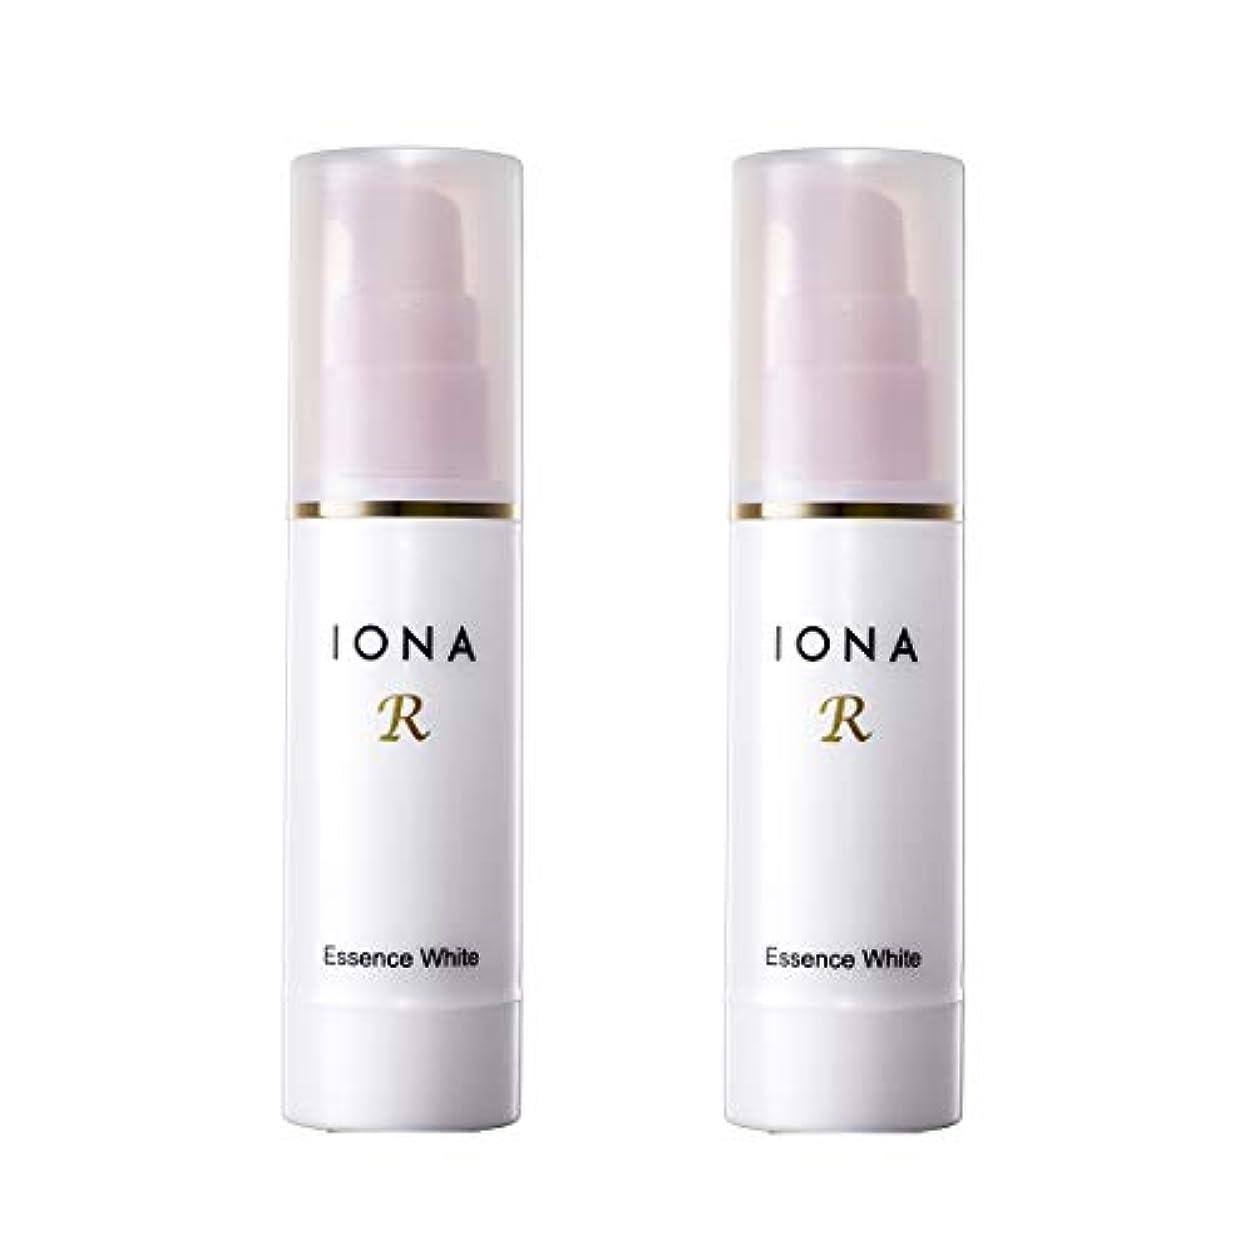 記憶モール広々イオナR エッセンスホワイト 美容液 2個セット 【通常価格より20%OFF】高機能ビタミンC配合美容液 IONA R イオナアール イオナのビタミンC